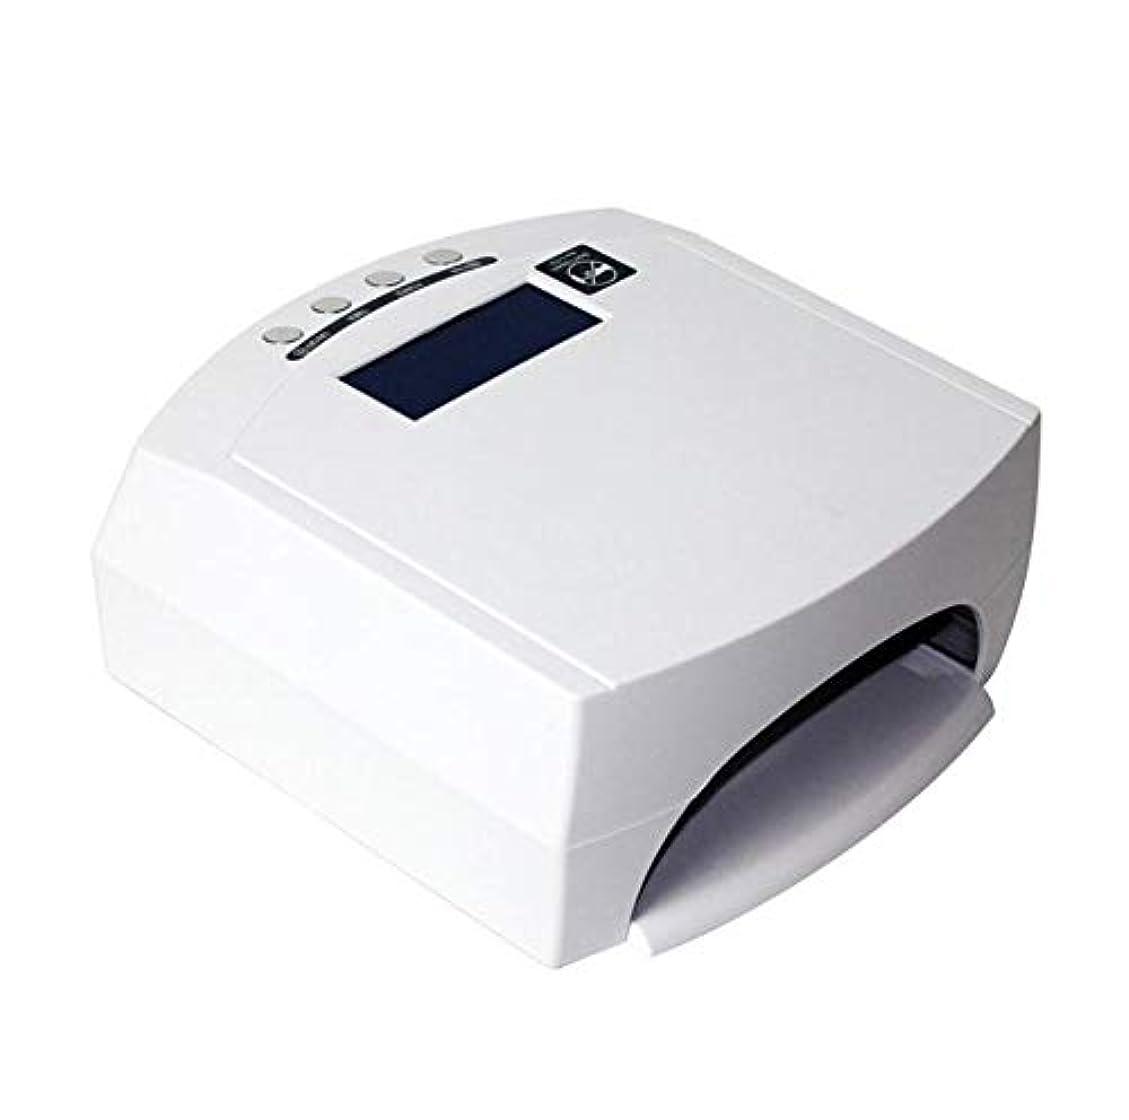 バーピックリーガン48ワットcffl + led uvネイルランプネイルドライヤーライトマシン用硬化ゲルネイルポリッシュネイルアートマニキュアツールで液晶ディスプレイ、自動センサー、ファン